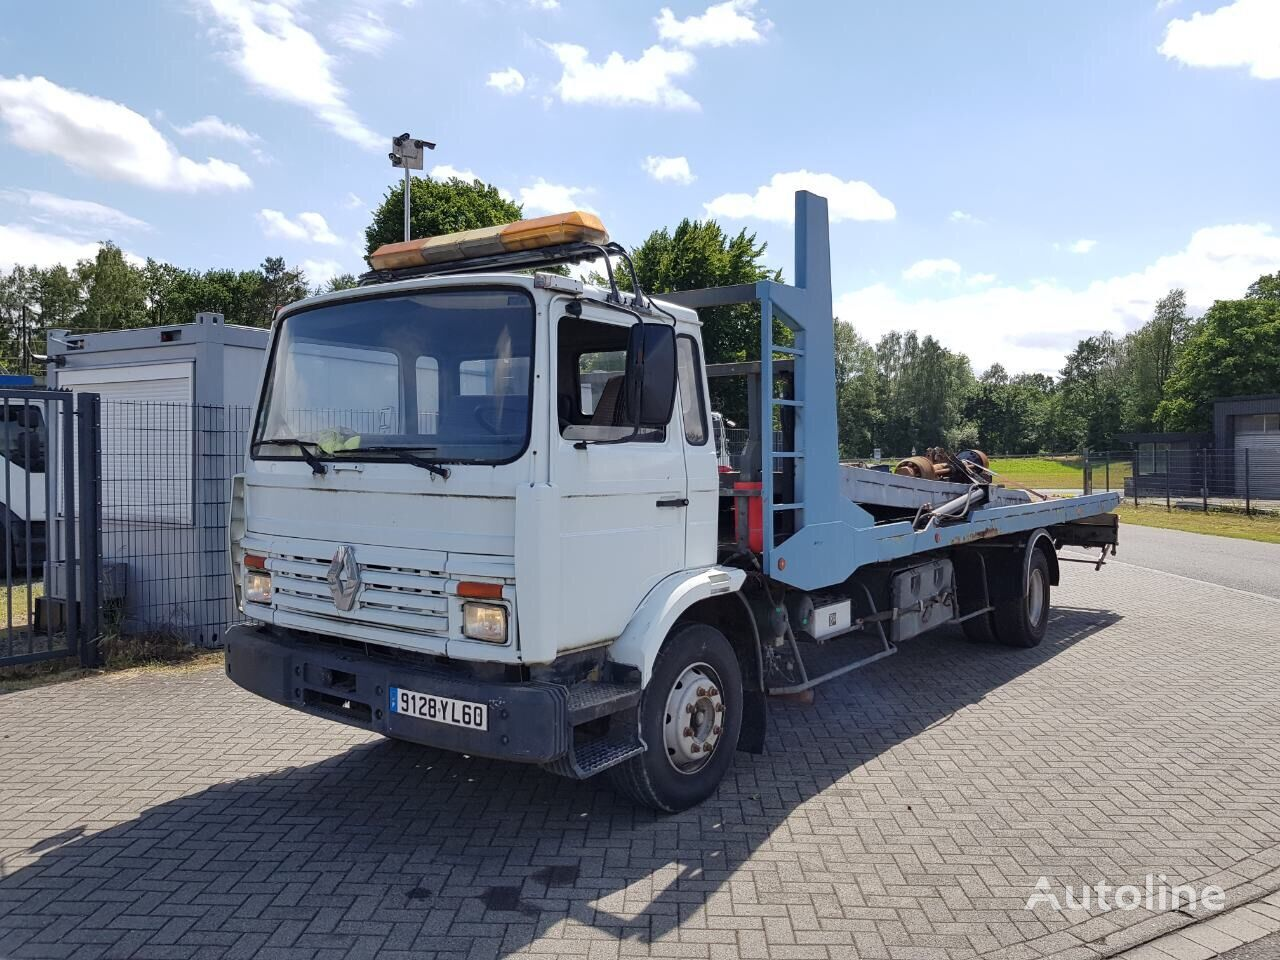 RENAULT G260 Depanage takelwagen